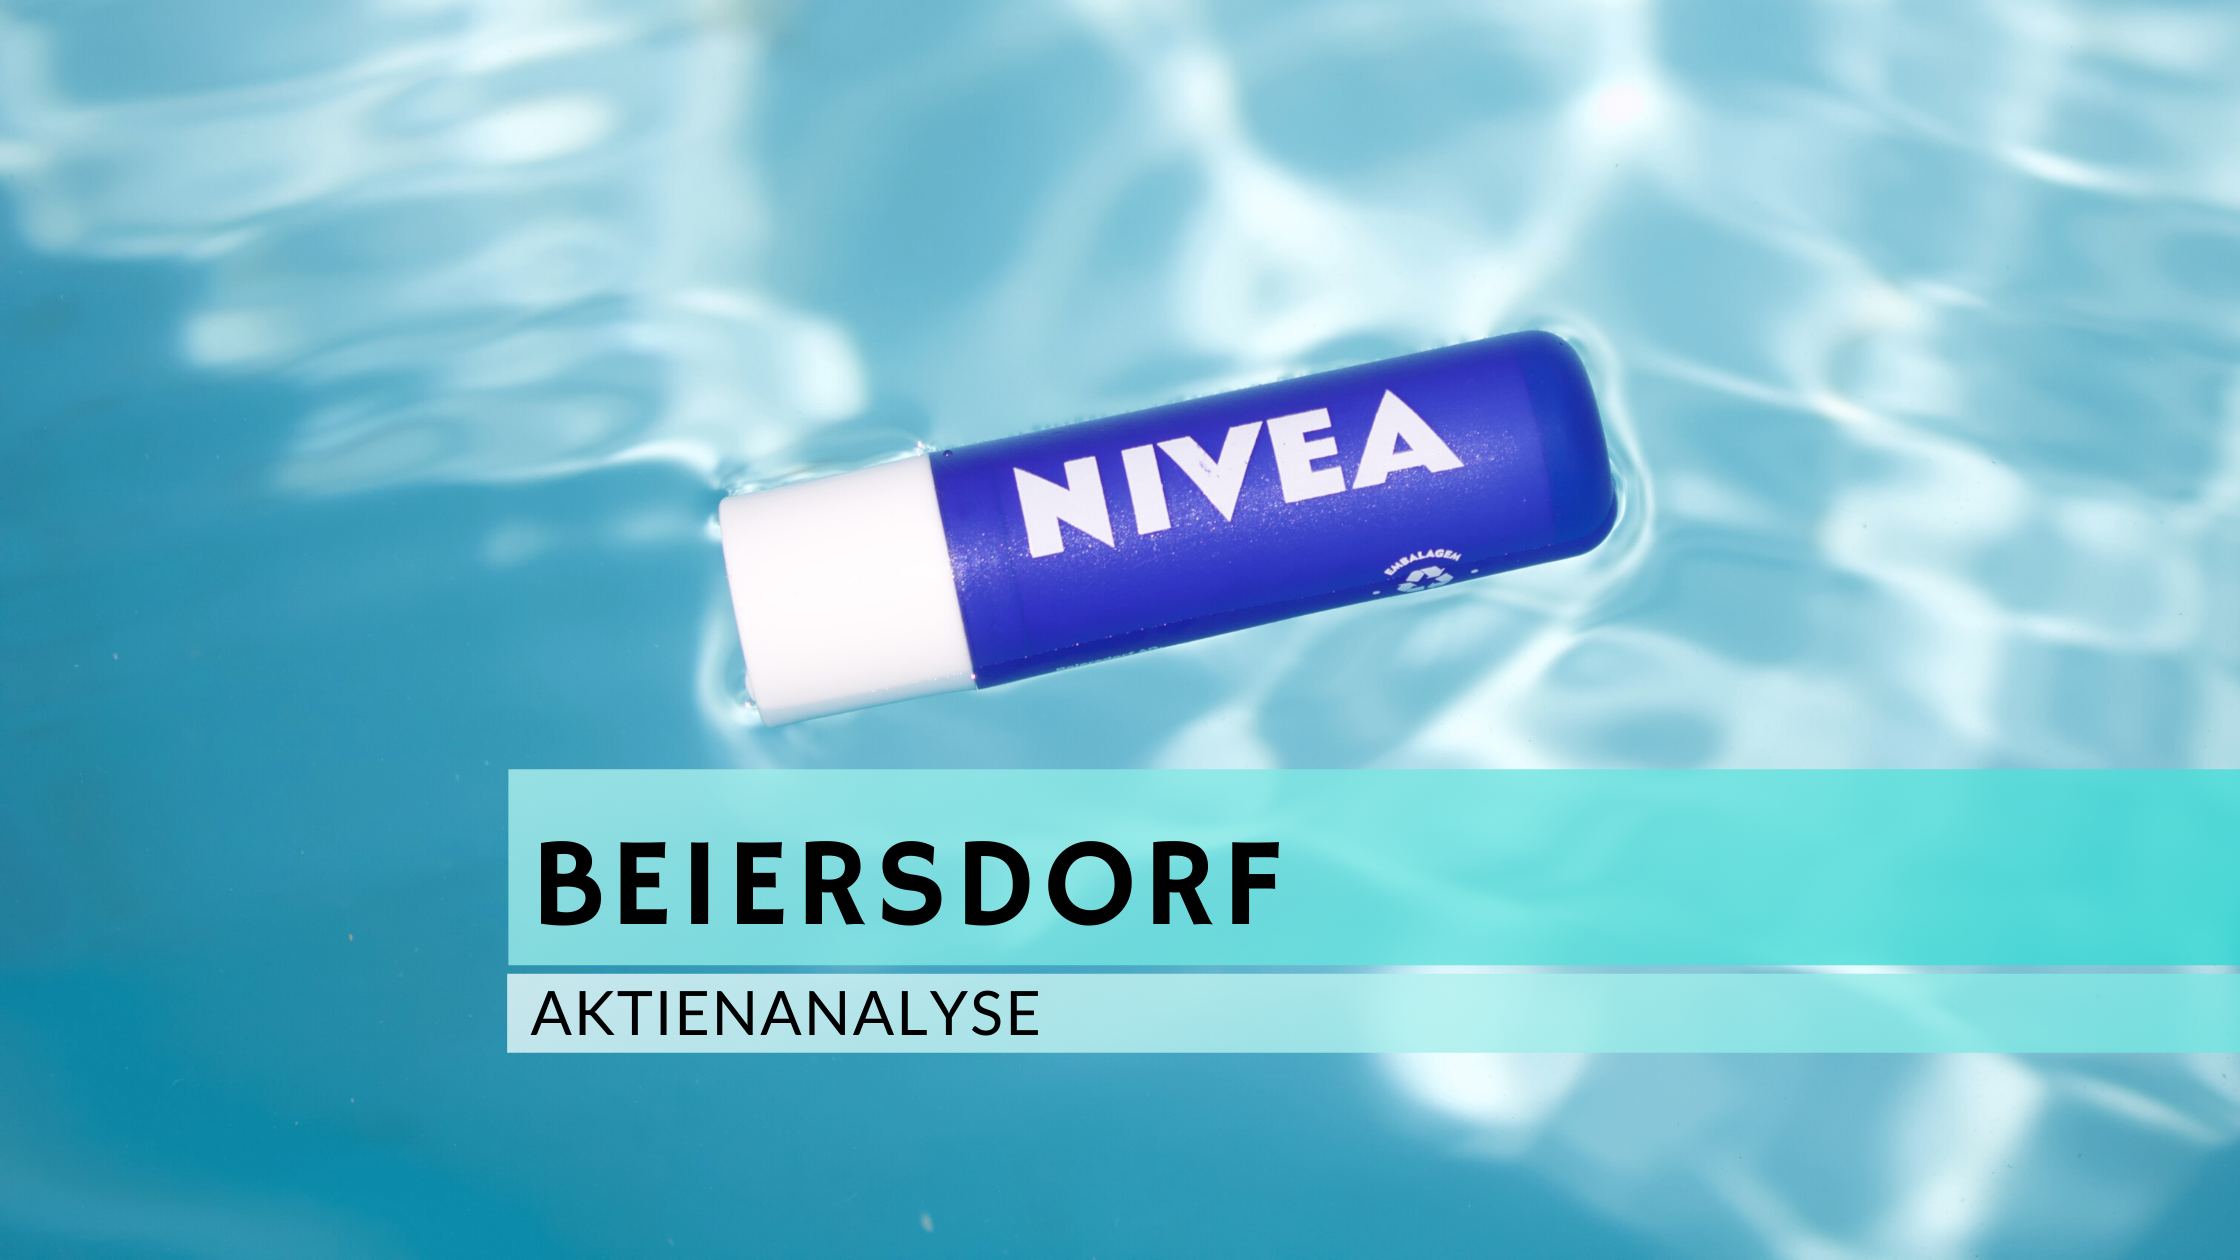 Beiersdorf Aktienanalyse